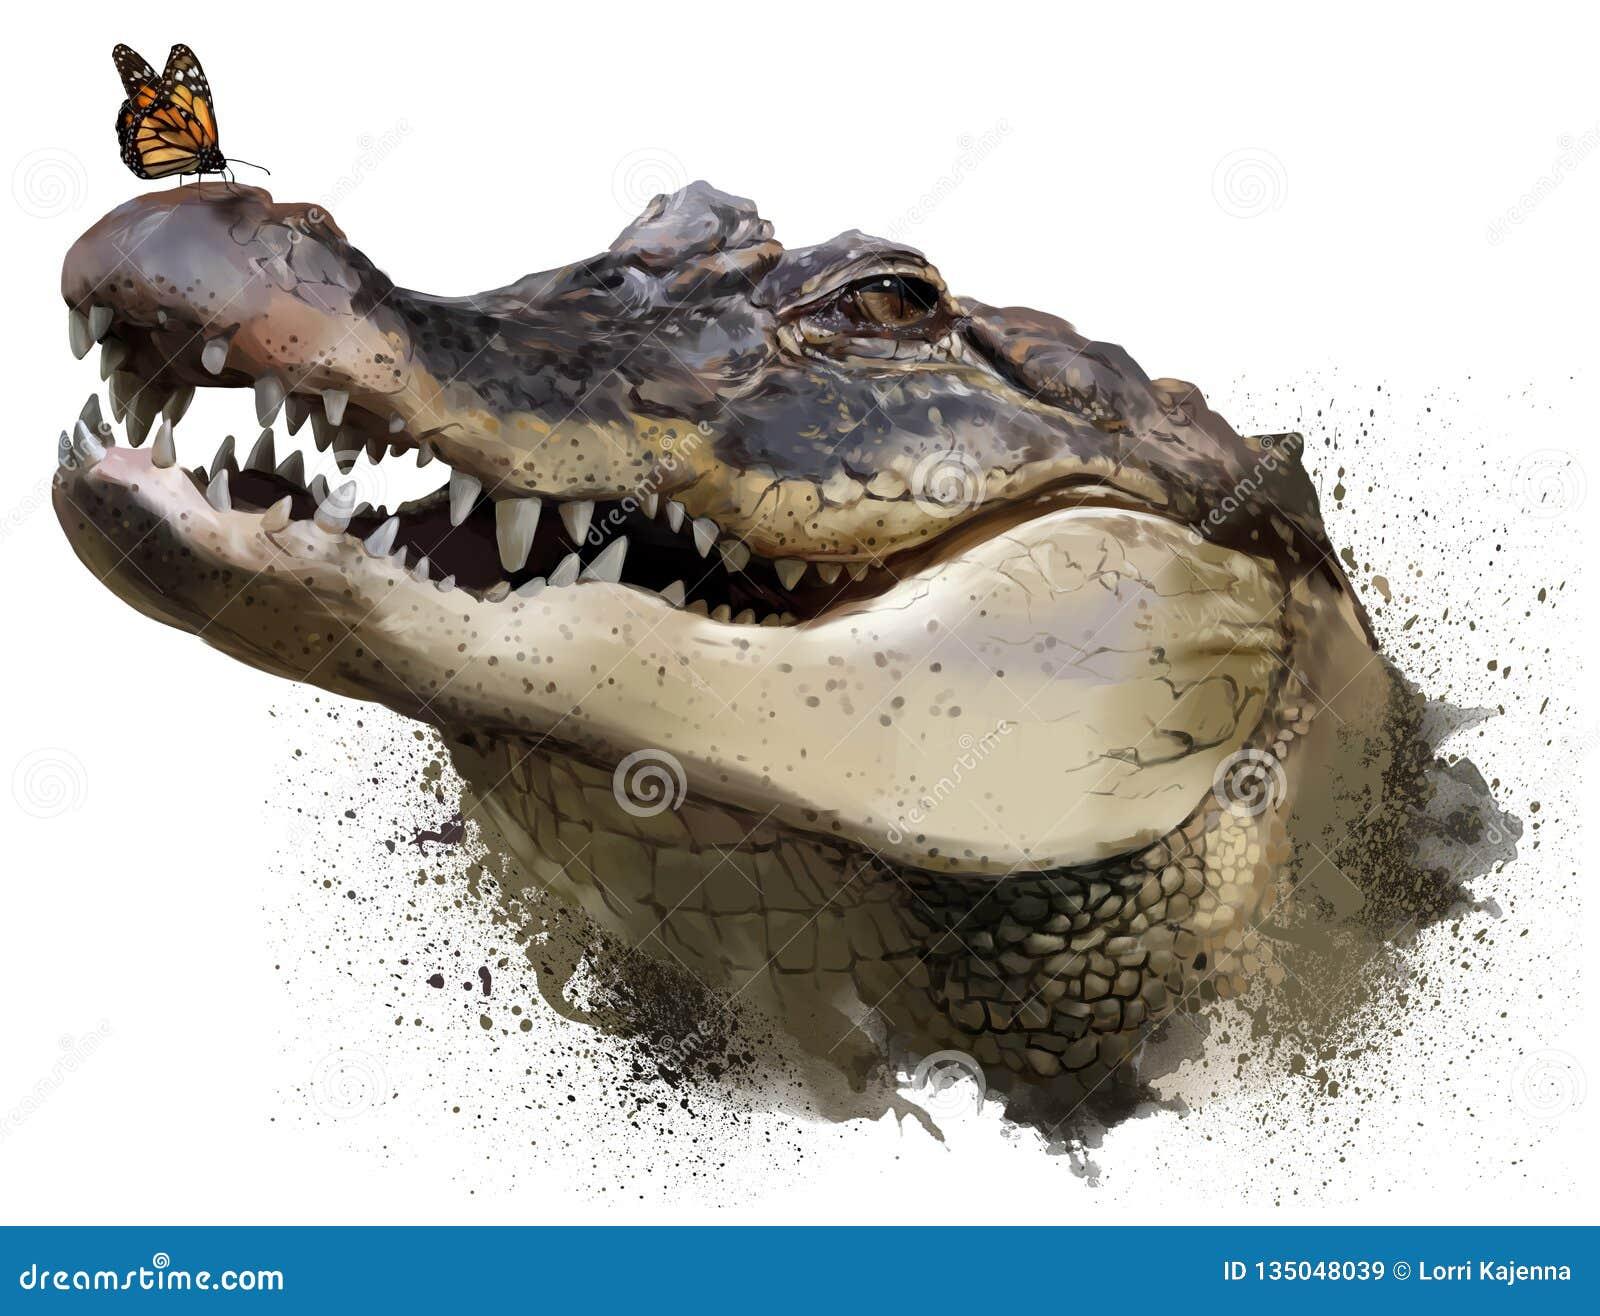 鳄鱼和黑脉金斑蝶 多孔黏土更正高绘画photoshop非常质量扫描水彩